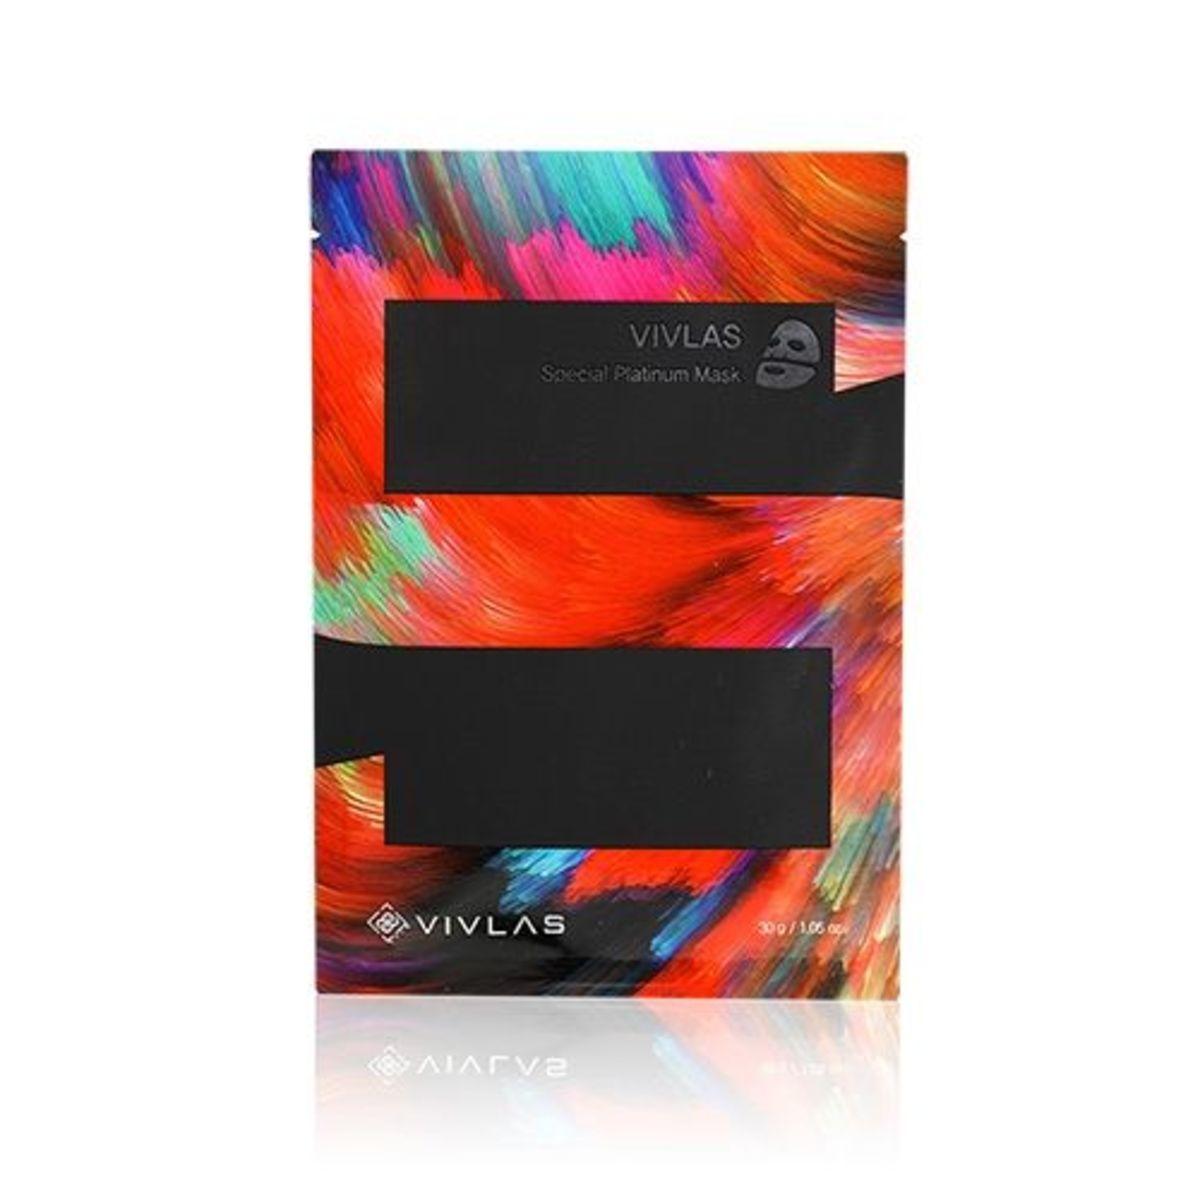 VIVLAS Special Platinum Mask (5pcs/pack) -[Parallel Import Product]